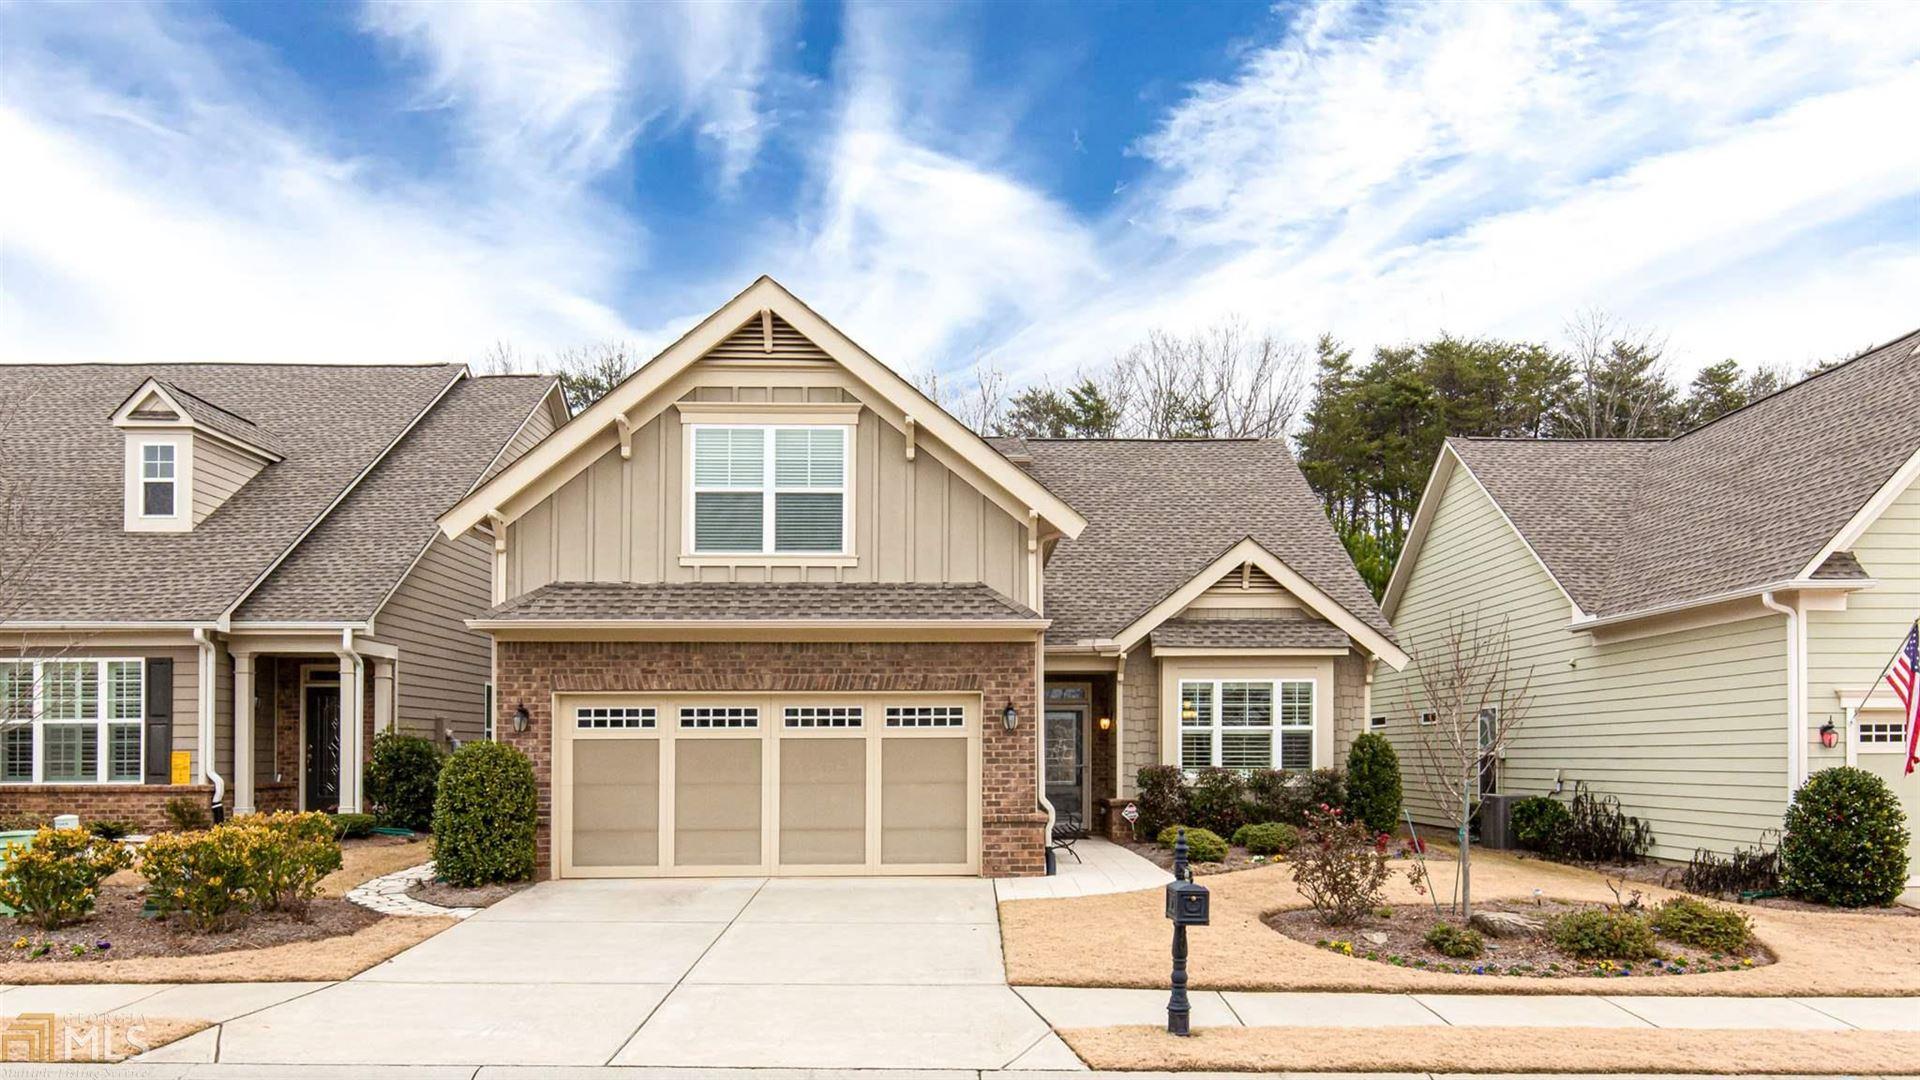 3565 Cresswind Pkwy, Gainesville, GA 30504 - MLS#: 8908135